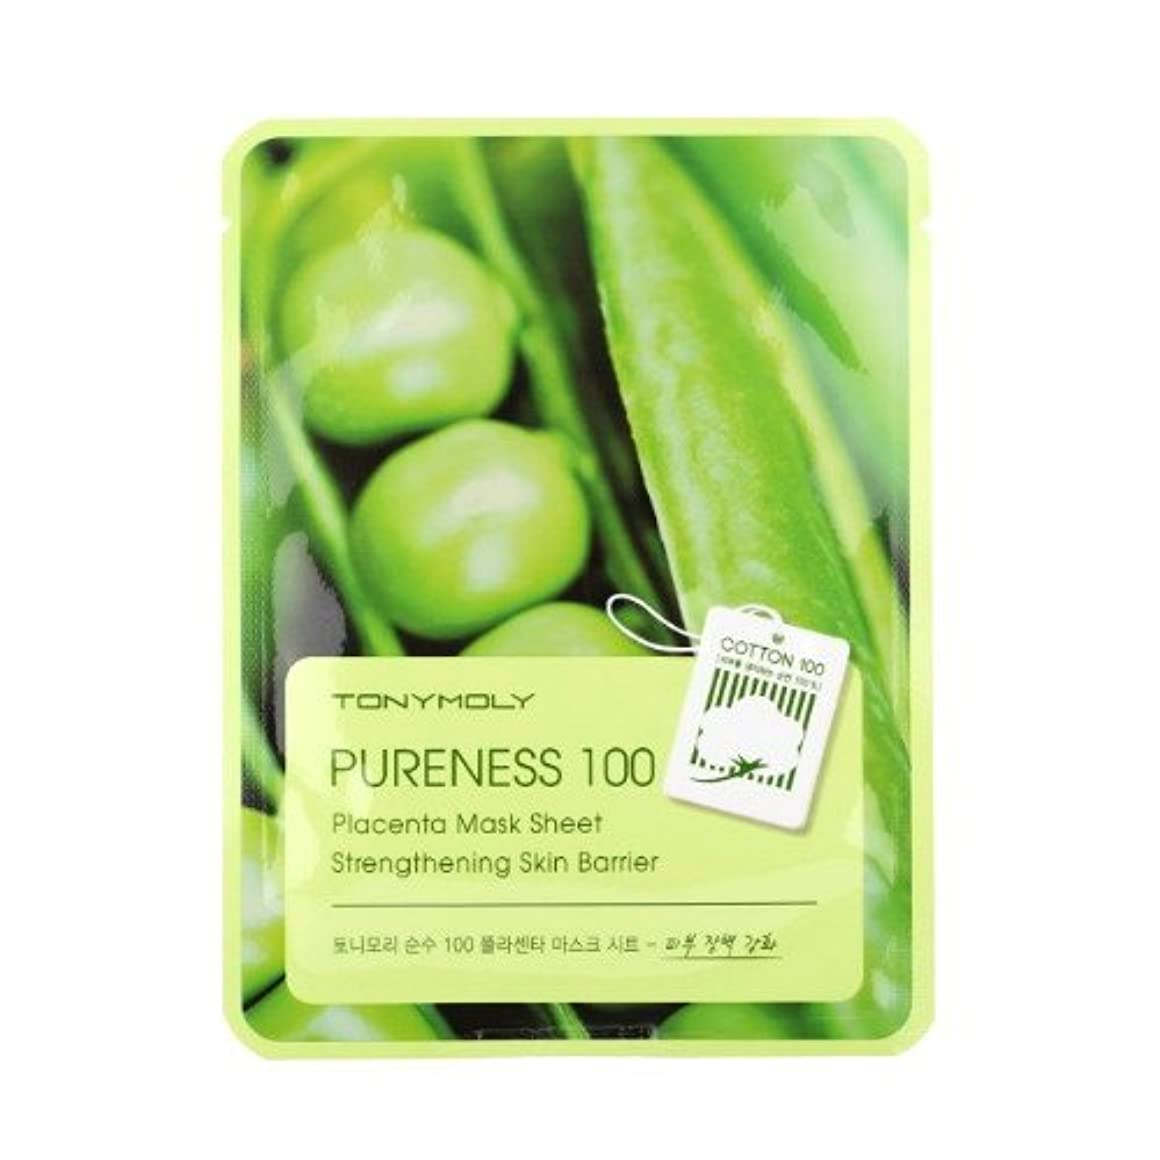 引用喜劇サイレン(6 Pack) TONYMOLY Pureness 100 Placenta Mask Sheet Strengthening Skin Barrier (並行輸入品)